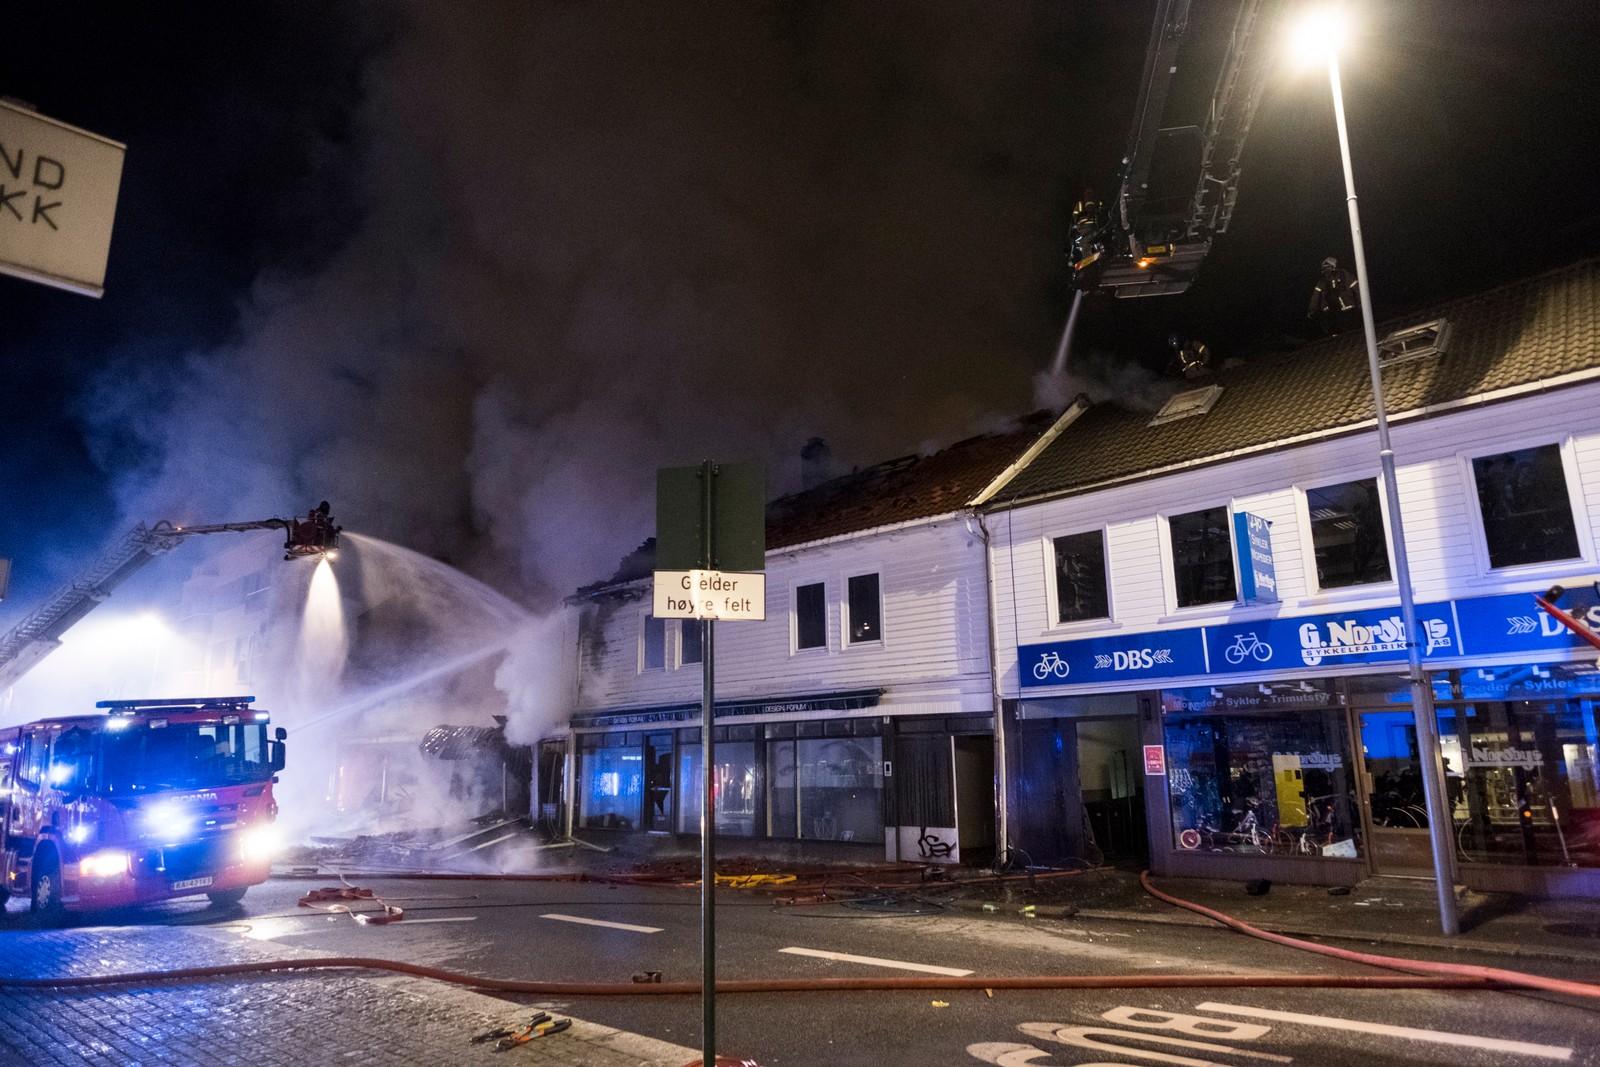 Kristiansand 20161030. Det var en brann i Kristiansand sentrum natt til søndag. Foto: Tor Erik Schrøder / NTB scanpix Det var en brann i Kristiansand sentrum natt til søndag.